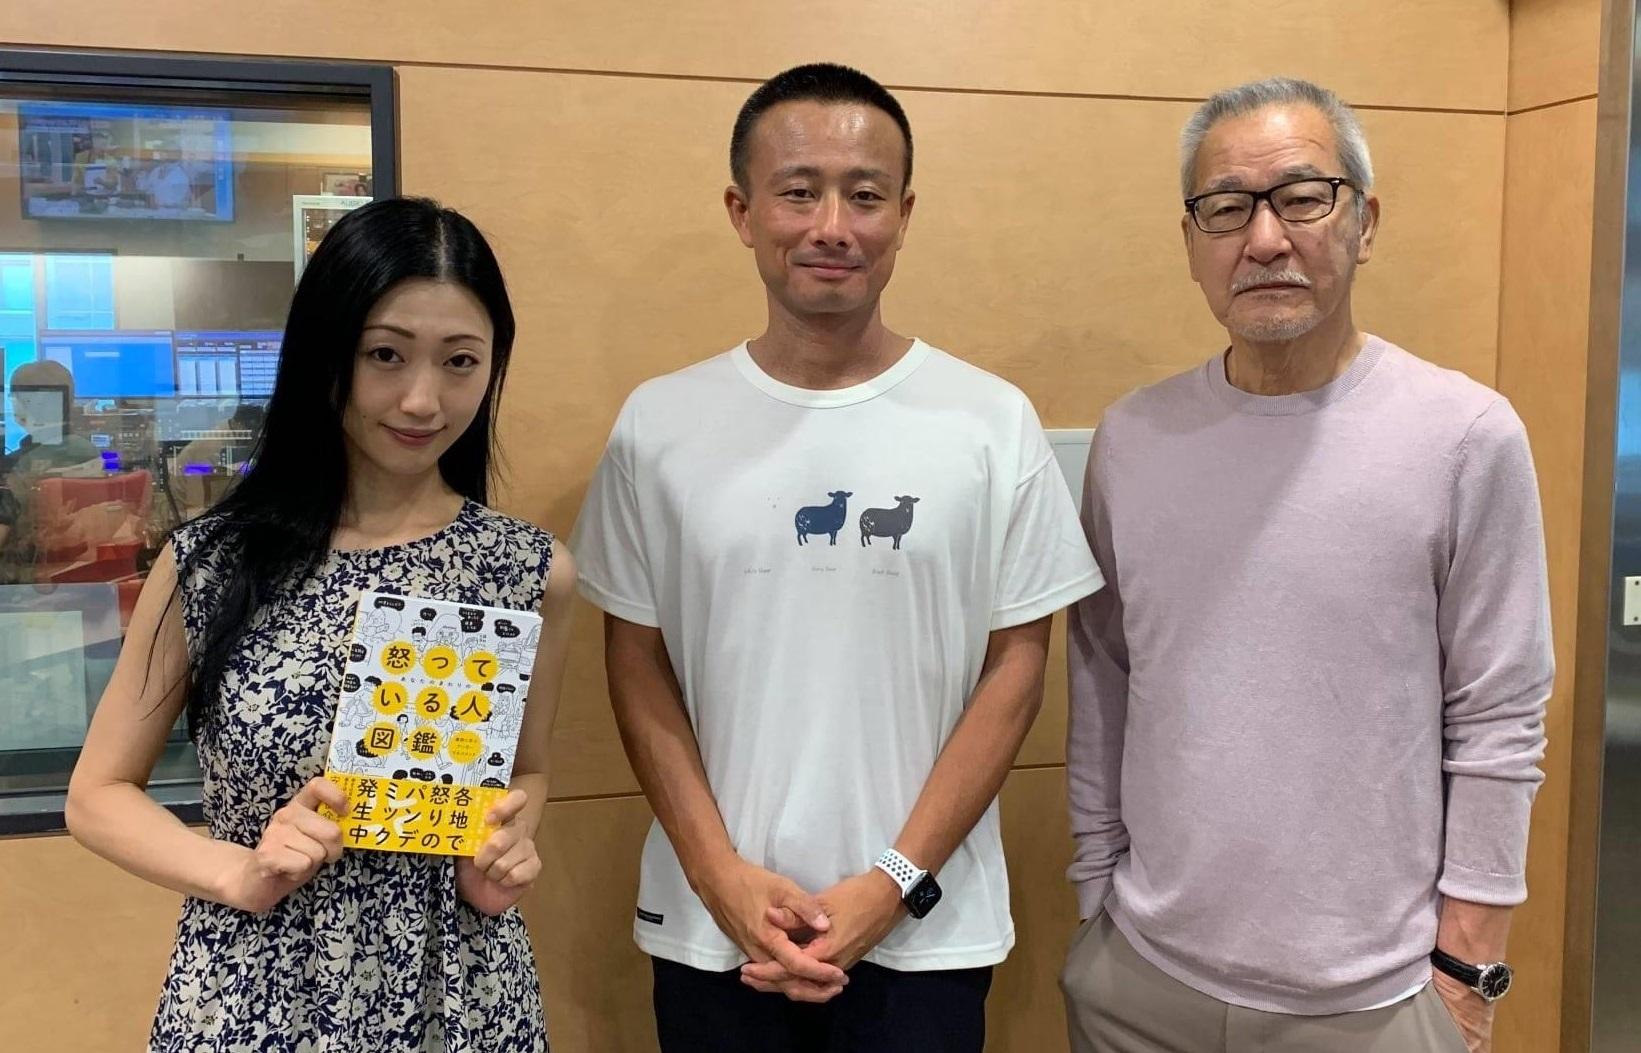 文化放送 大竹まこと ゴールデンラジオ